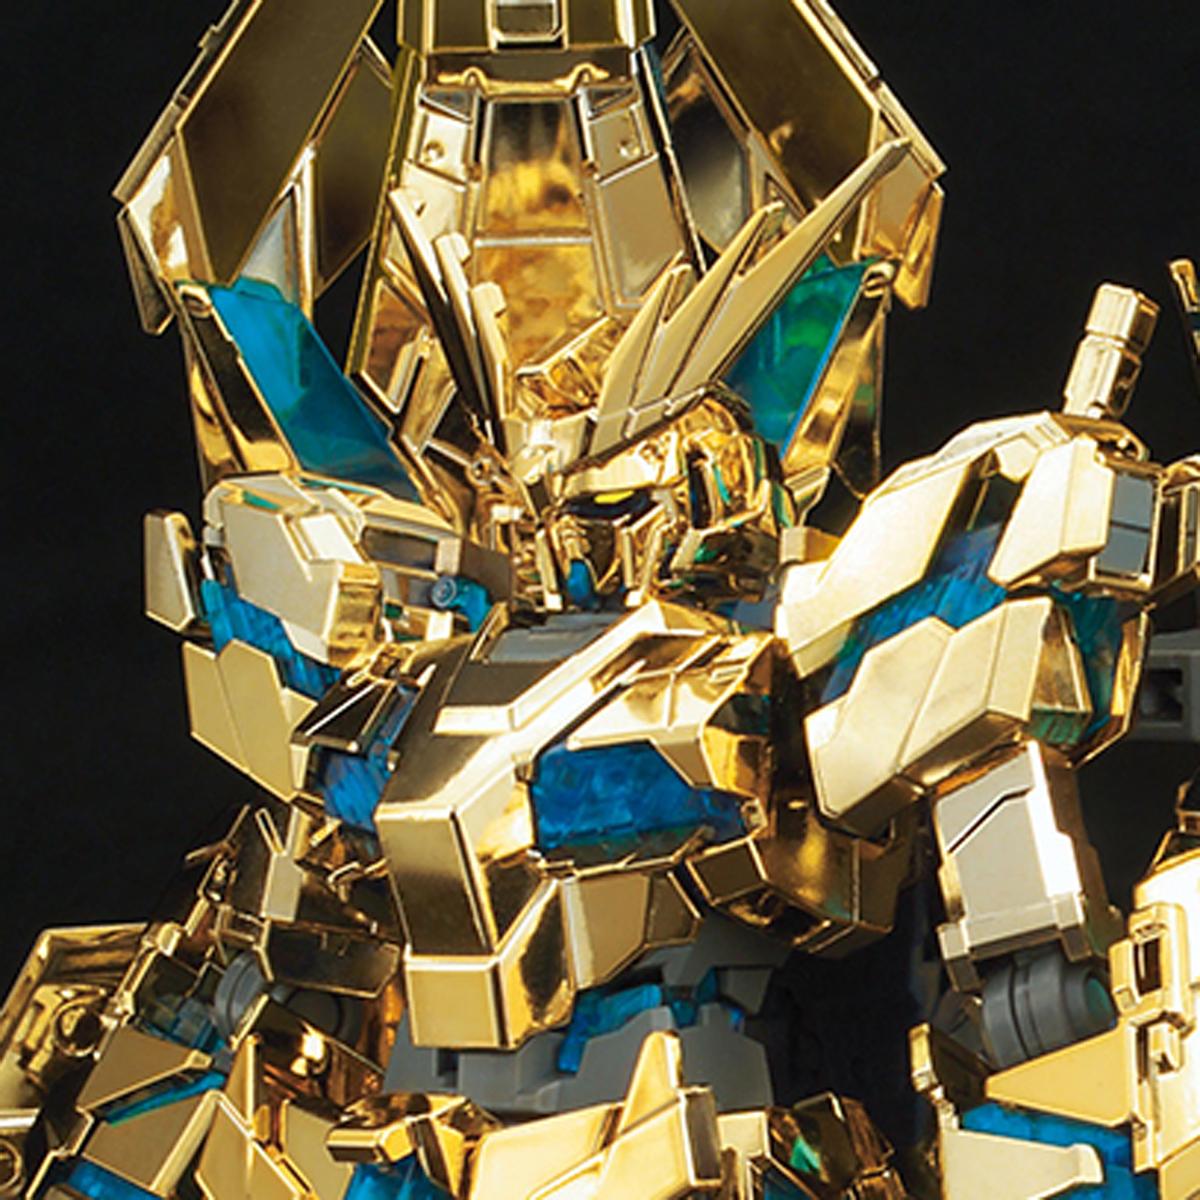 HGUC 1/144 ユニコーンガンダム3号機 フェネクス (デストロイモード) (ナラティブVer.) [ゴールドコーティング]